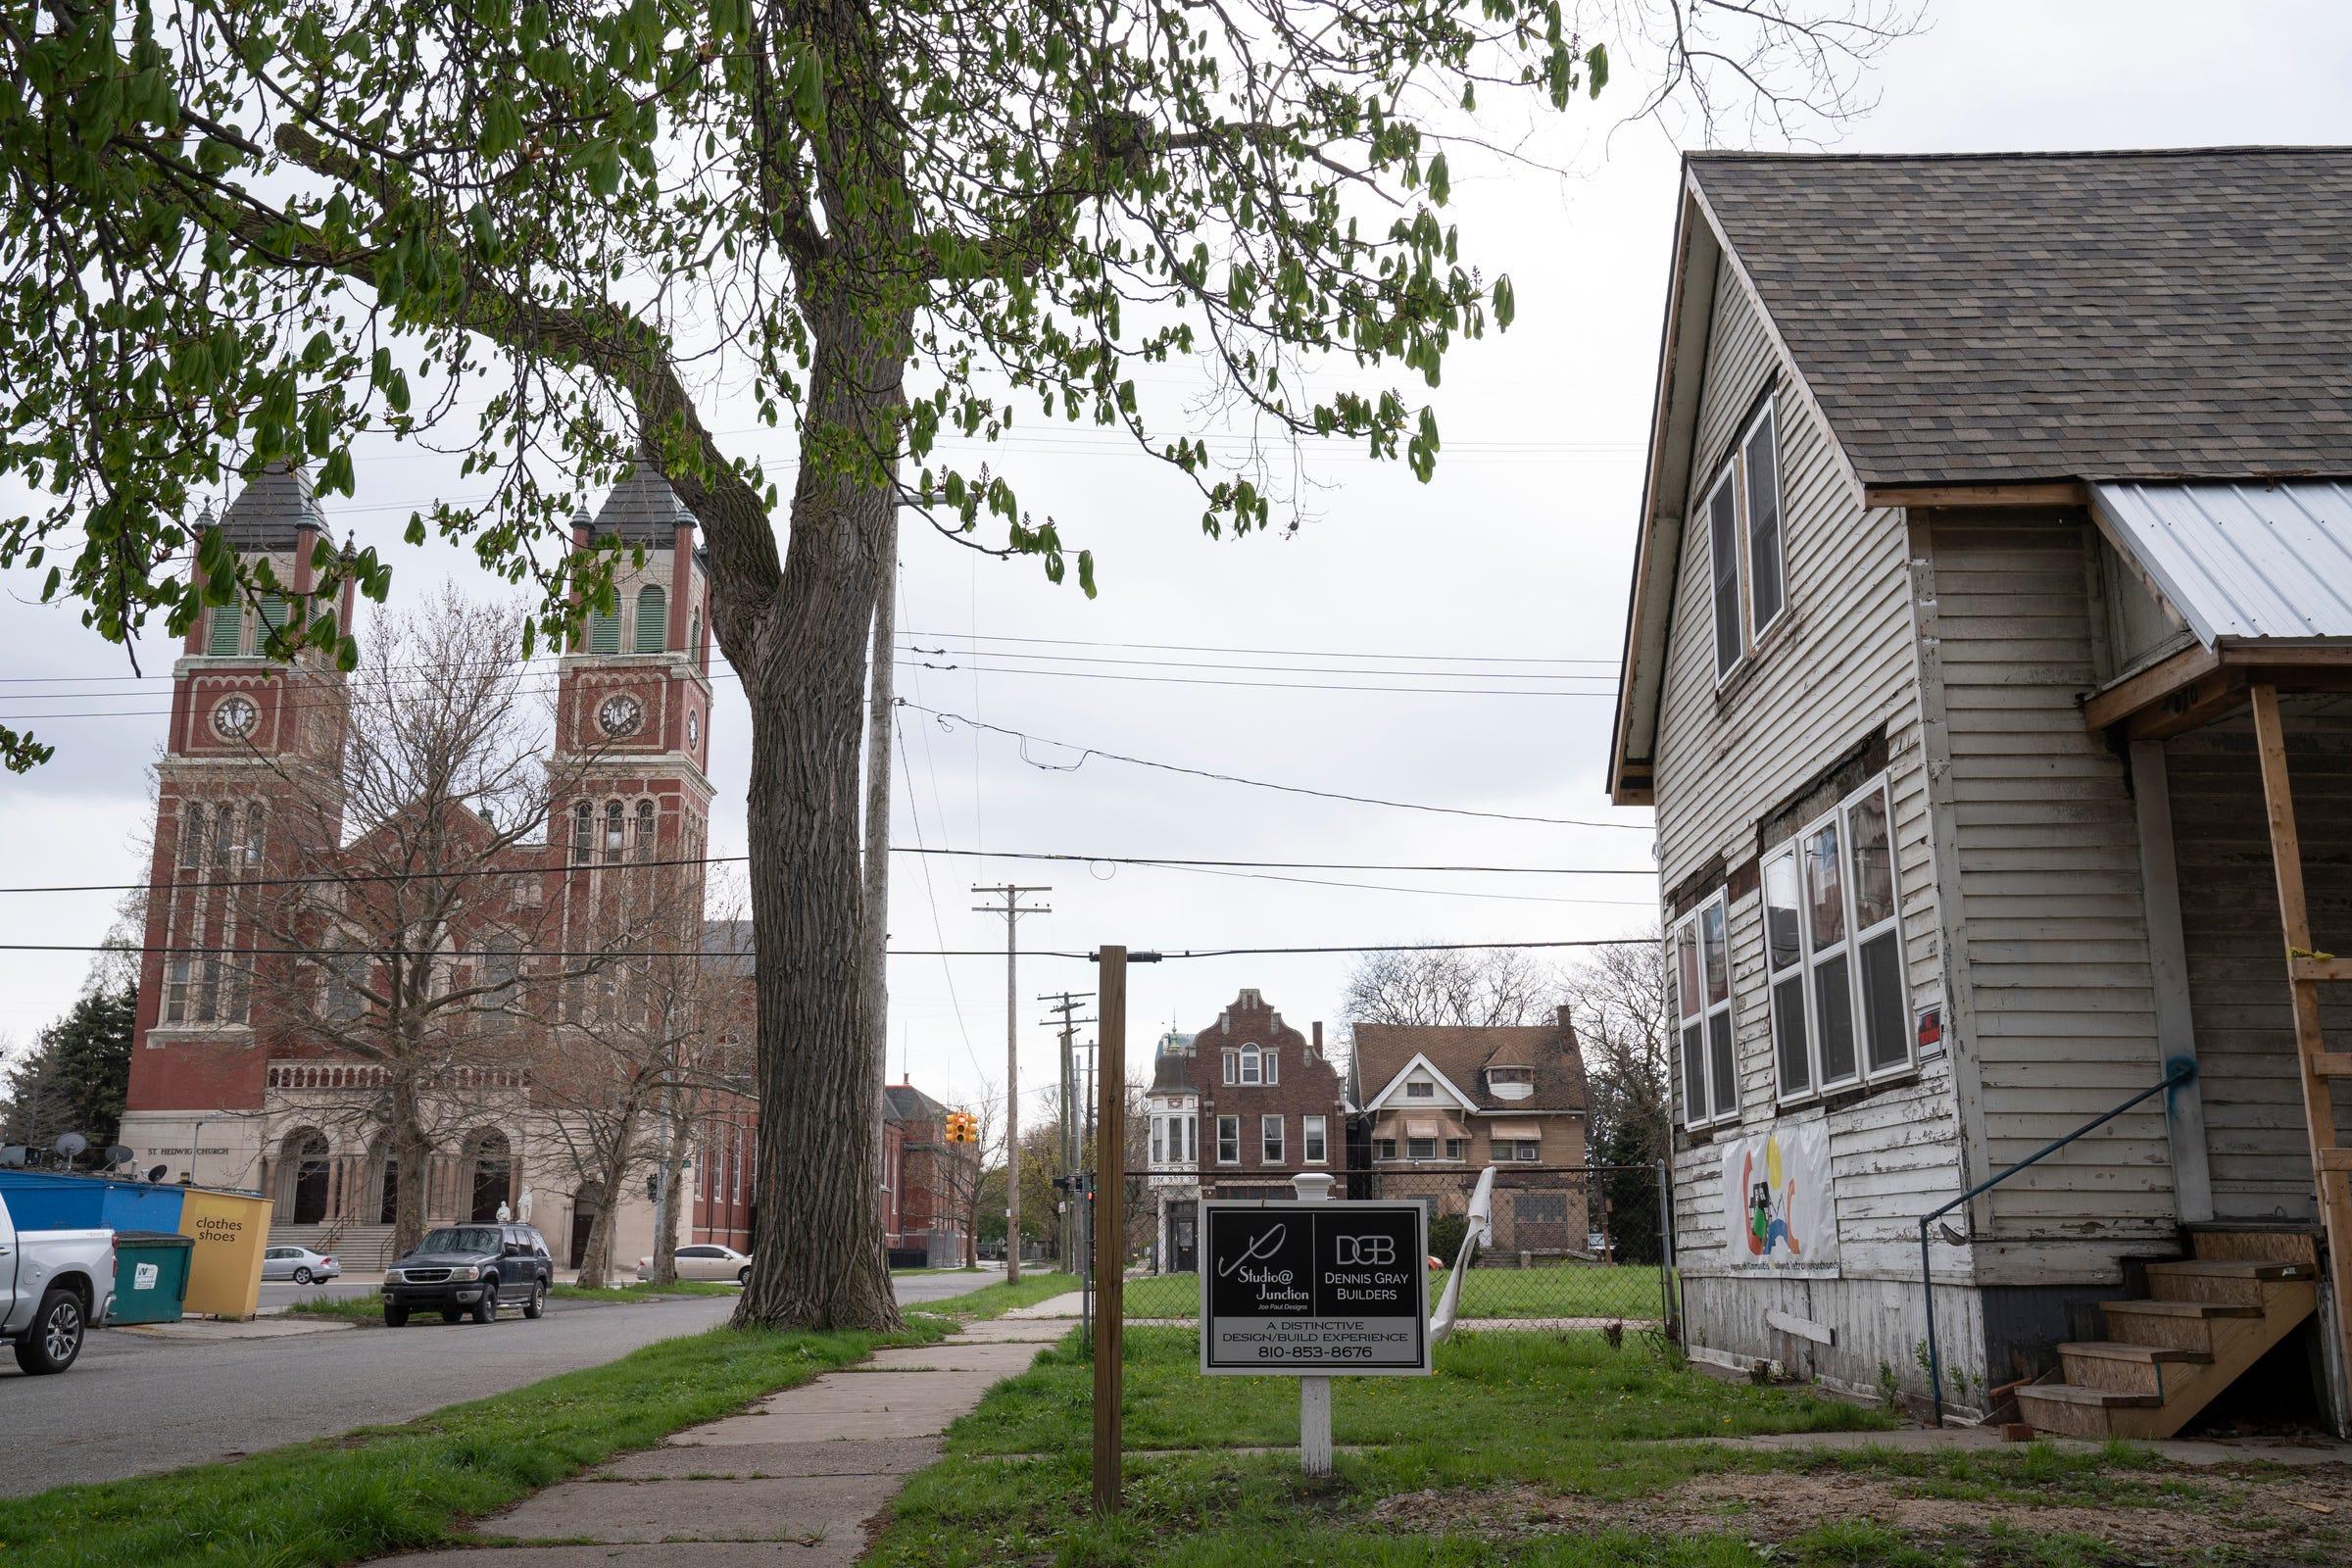 Congress of Communities, una organización sin fines de lucro de Southwest Detroit, mueve sus oficinas centrales a esta casa en proceso de remodelación cerca de la iglesia católica de St. Hedwig, el 22 de abril de 2021.